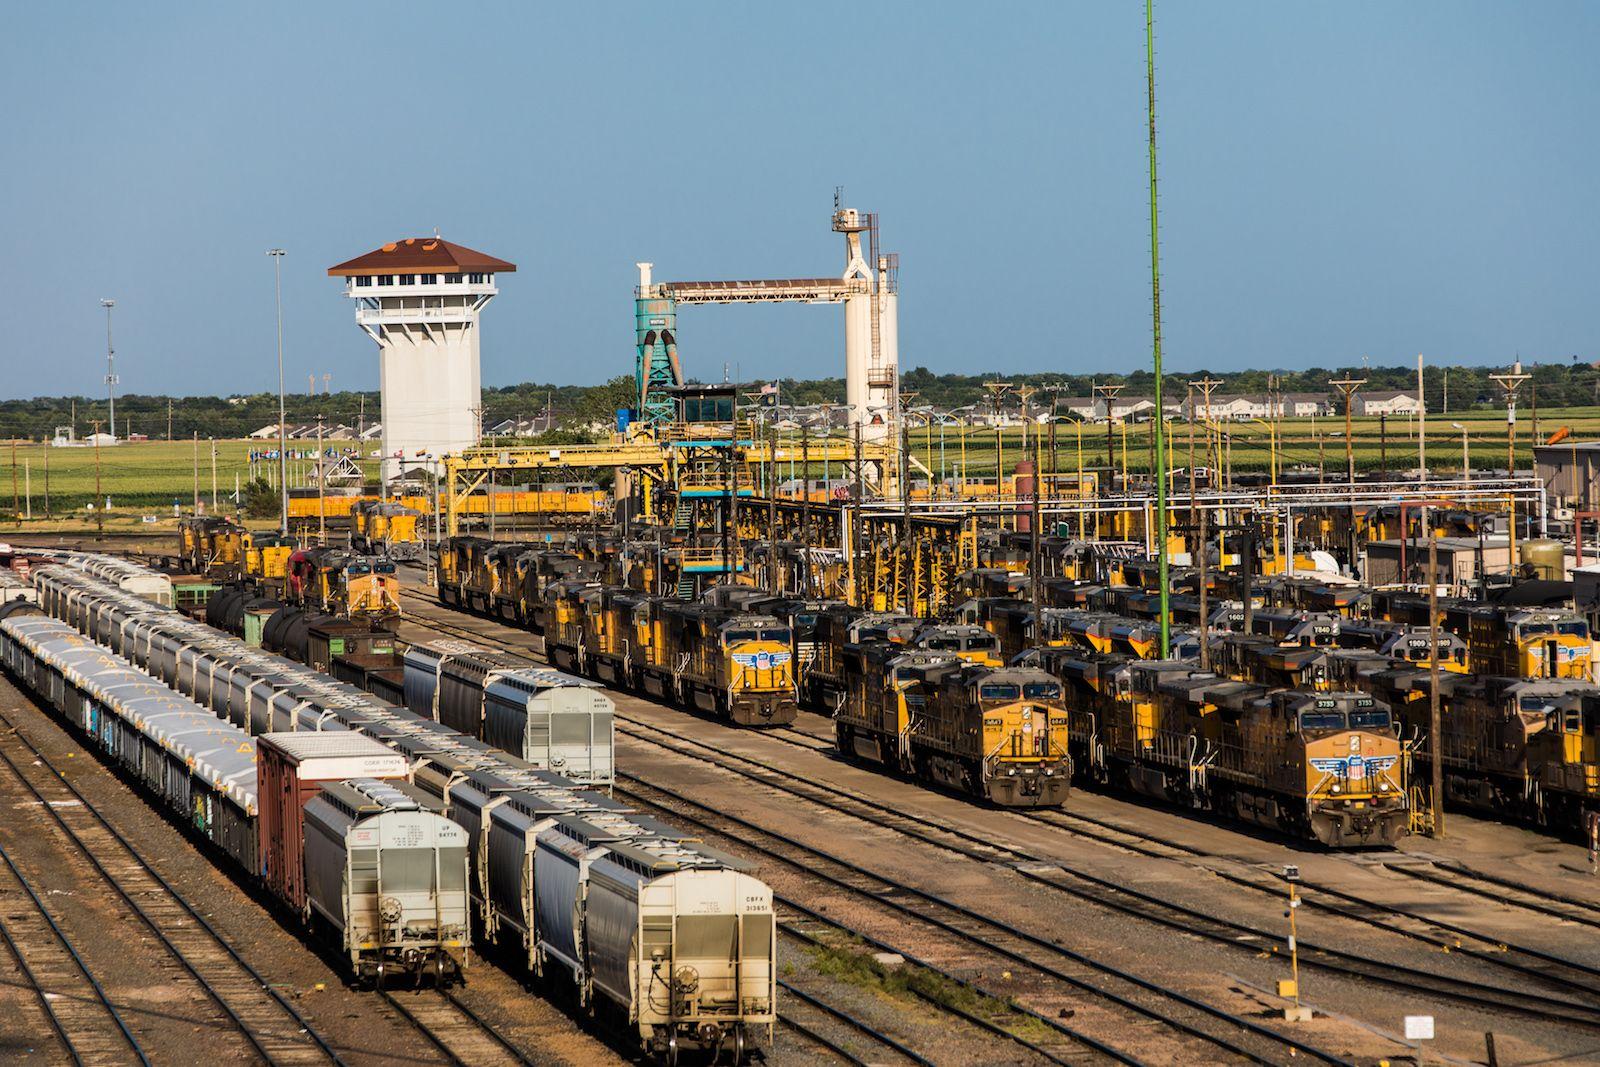 The Union Pacific Railroad